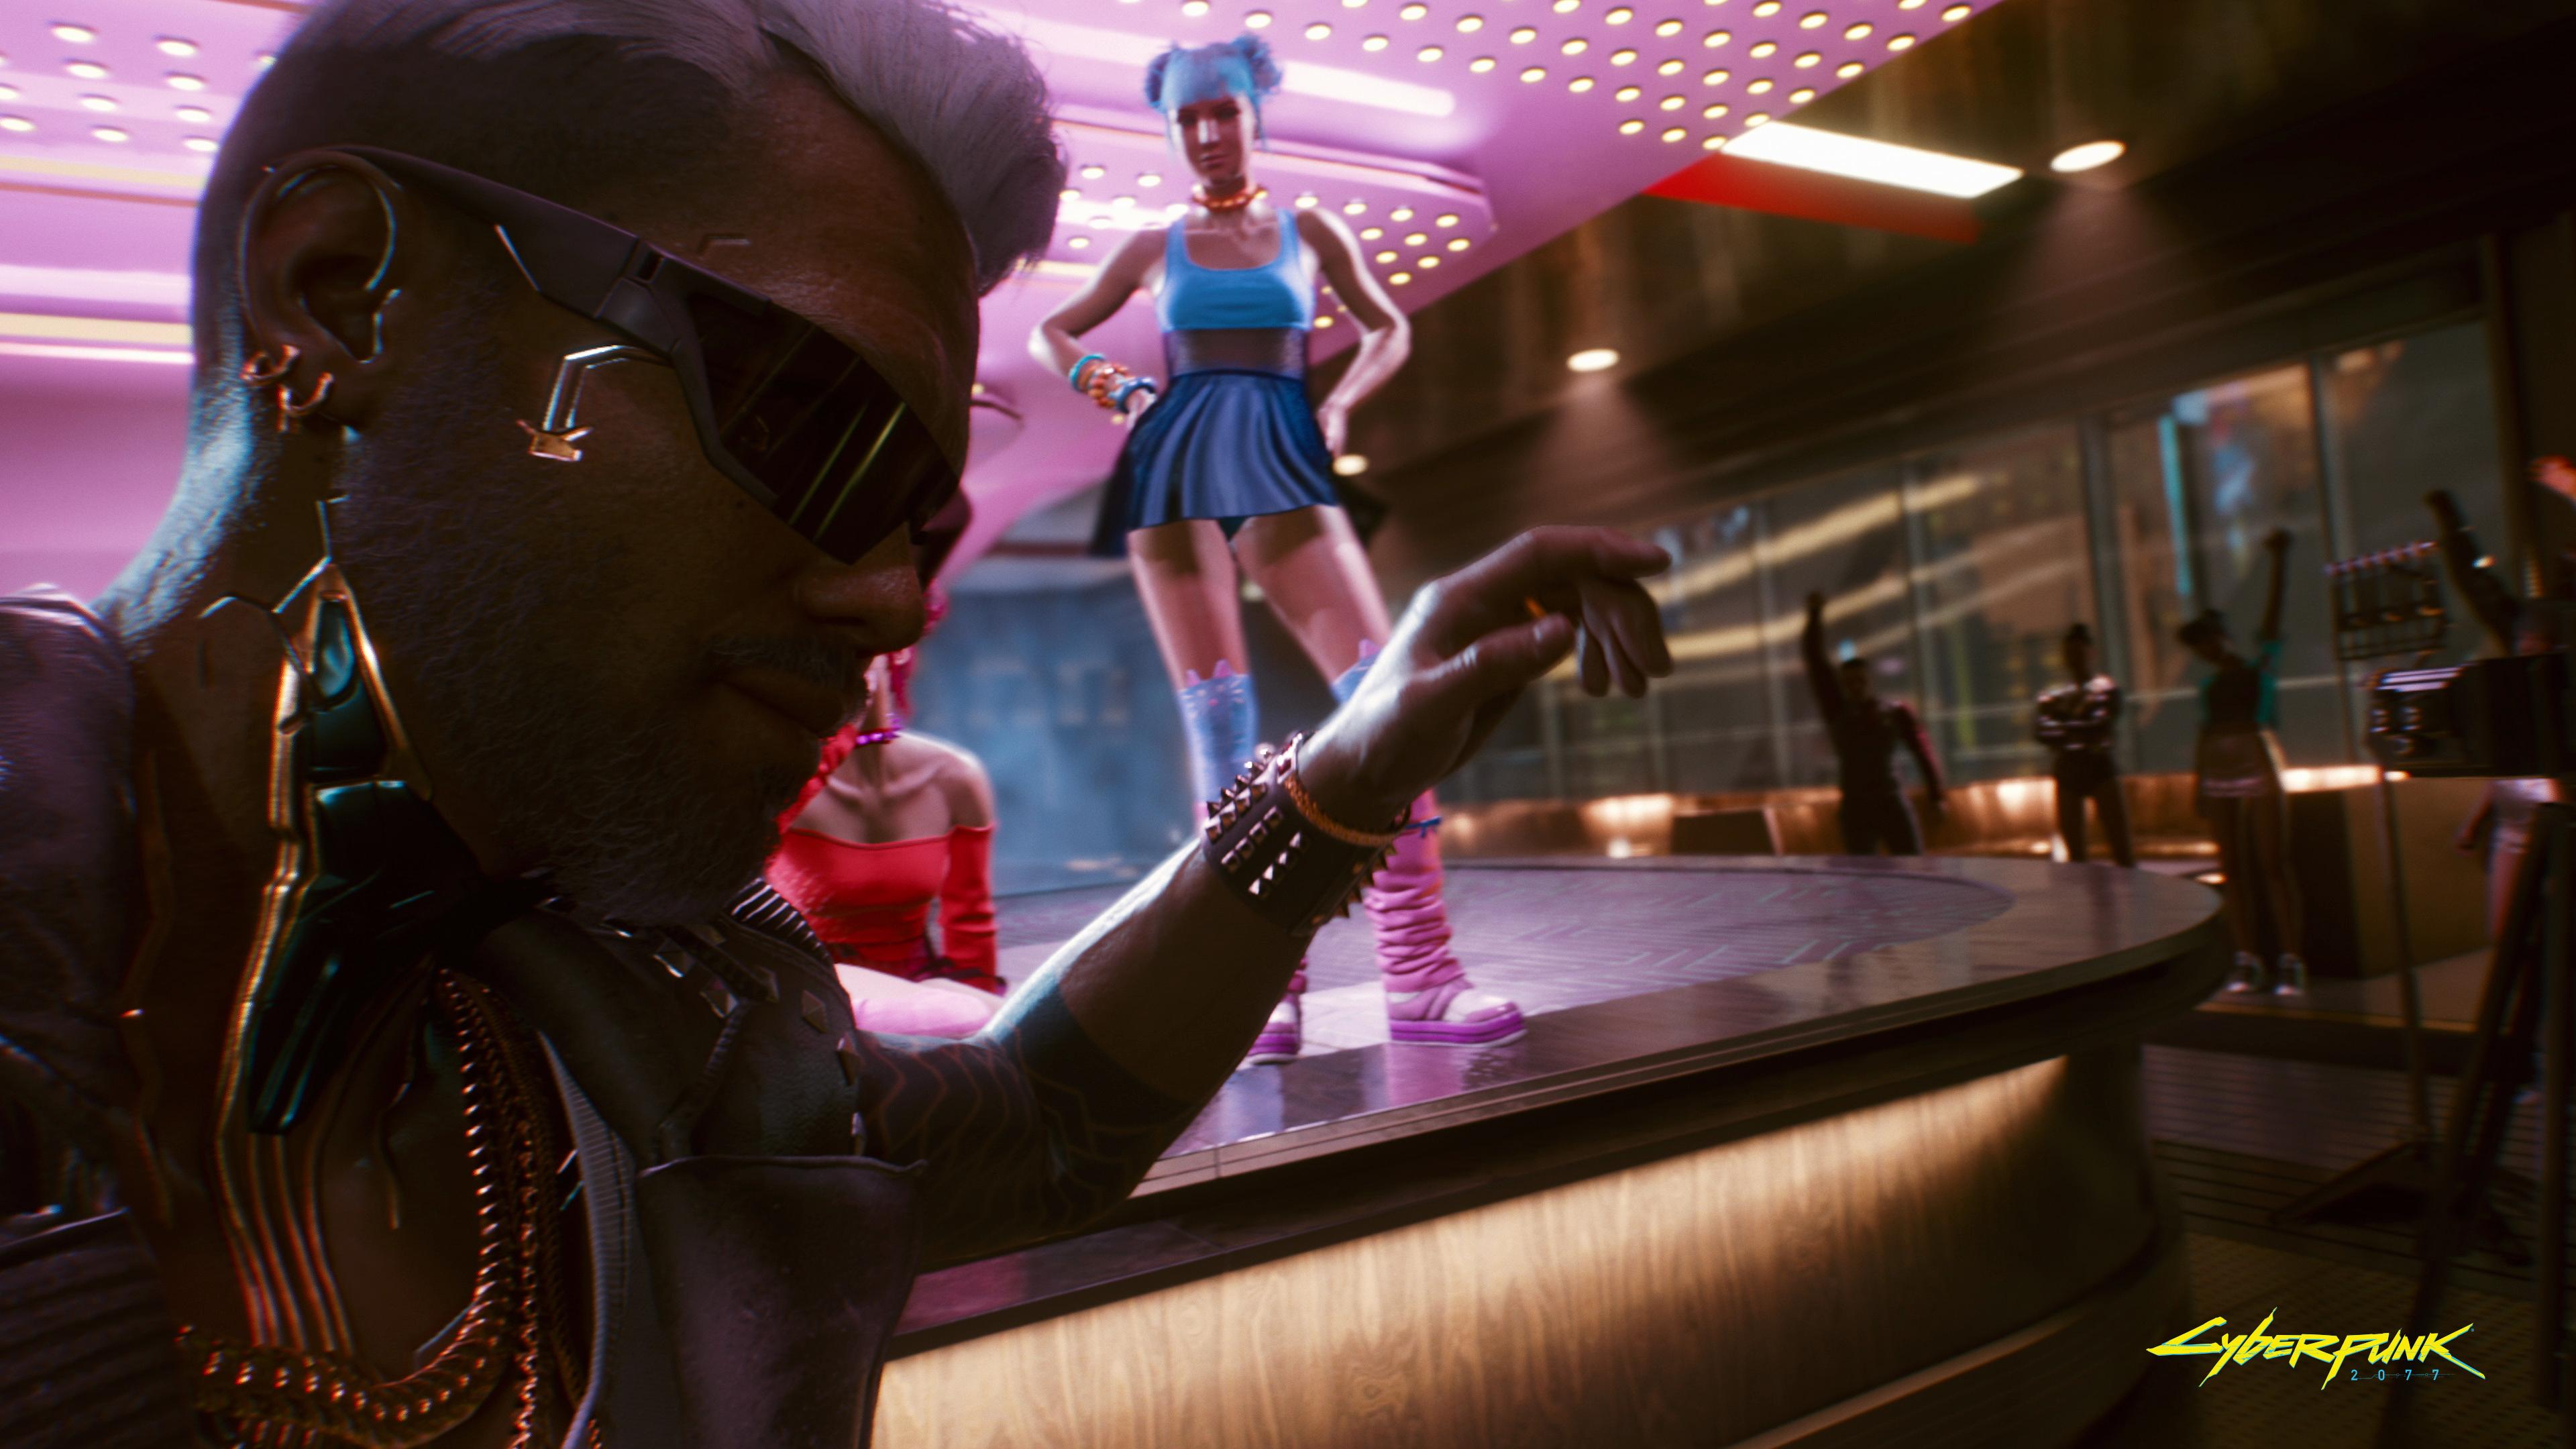 Cyberpunk 2077 - In Da Club